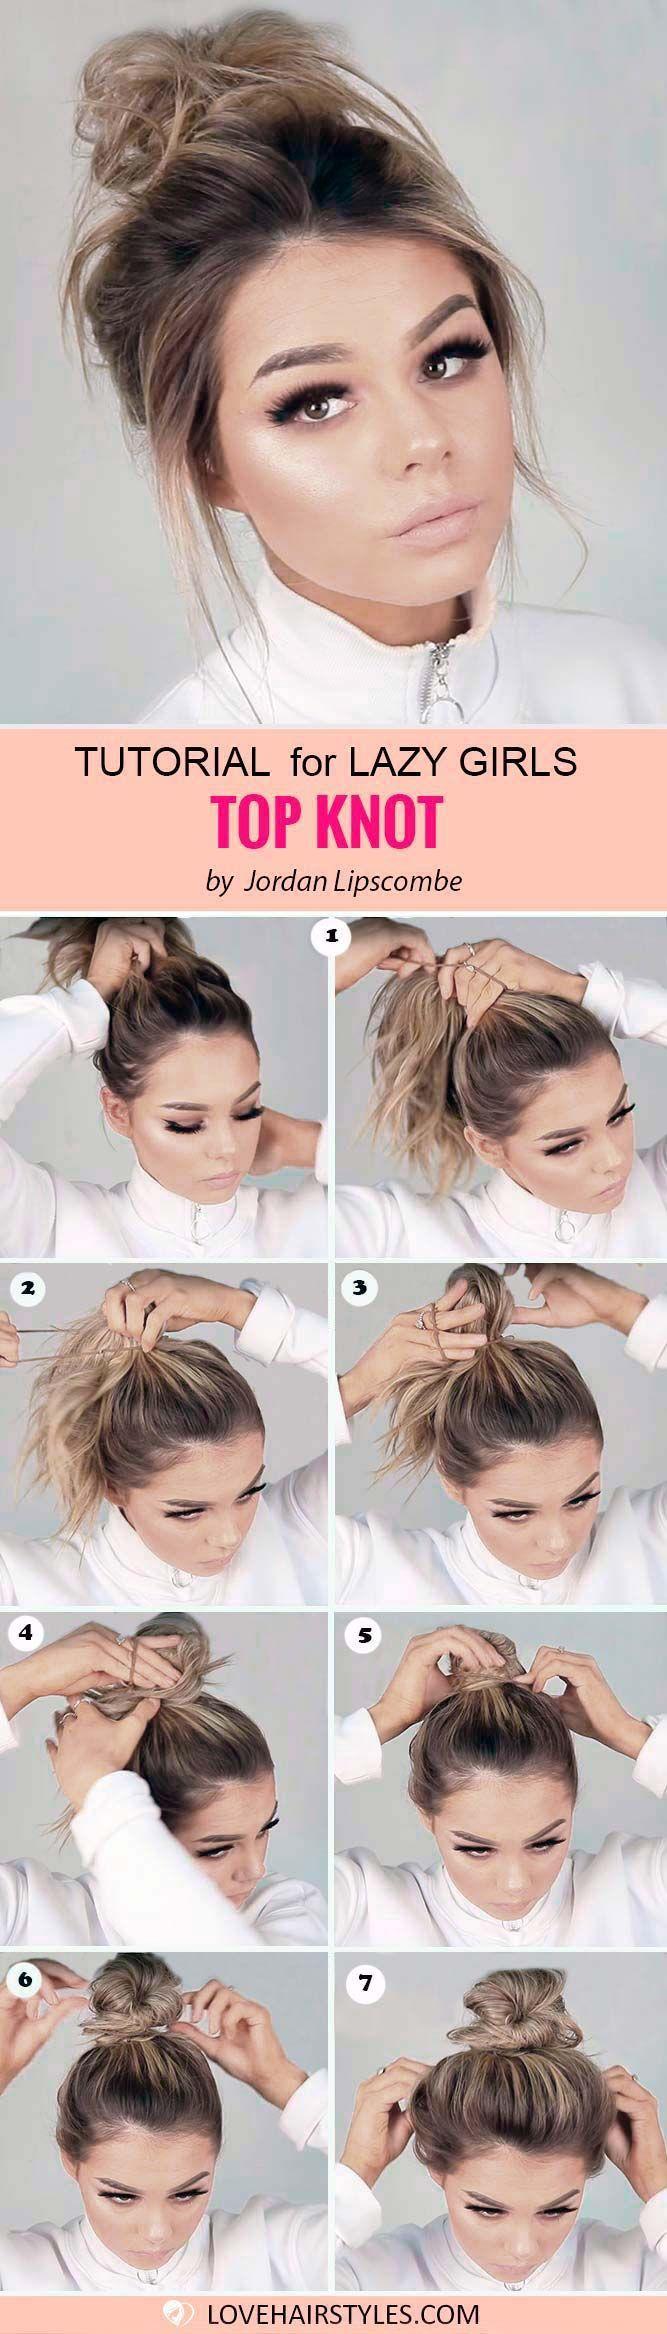 best cut u color u style images on Pinterest Hair cut